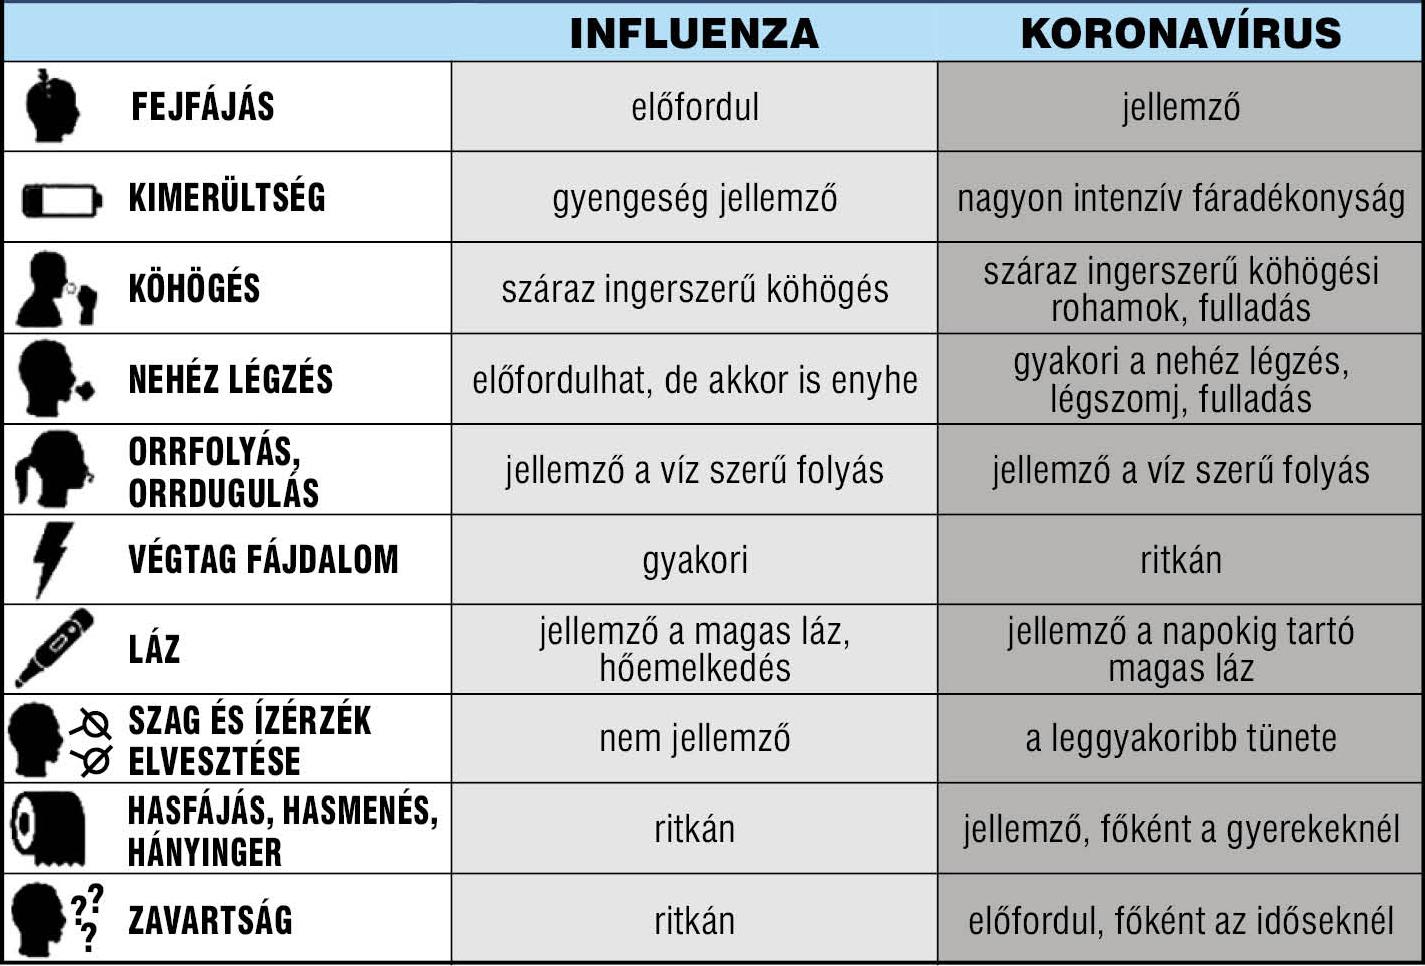 Ábránk segítségével könnyen megkülönböztetjük a két betegség tüneteit